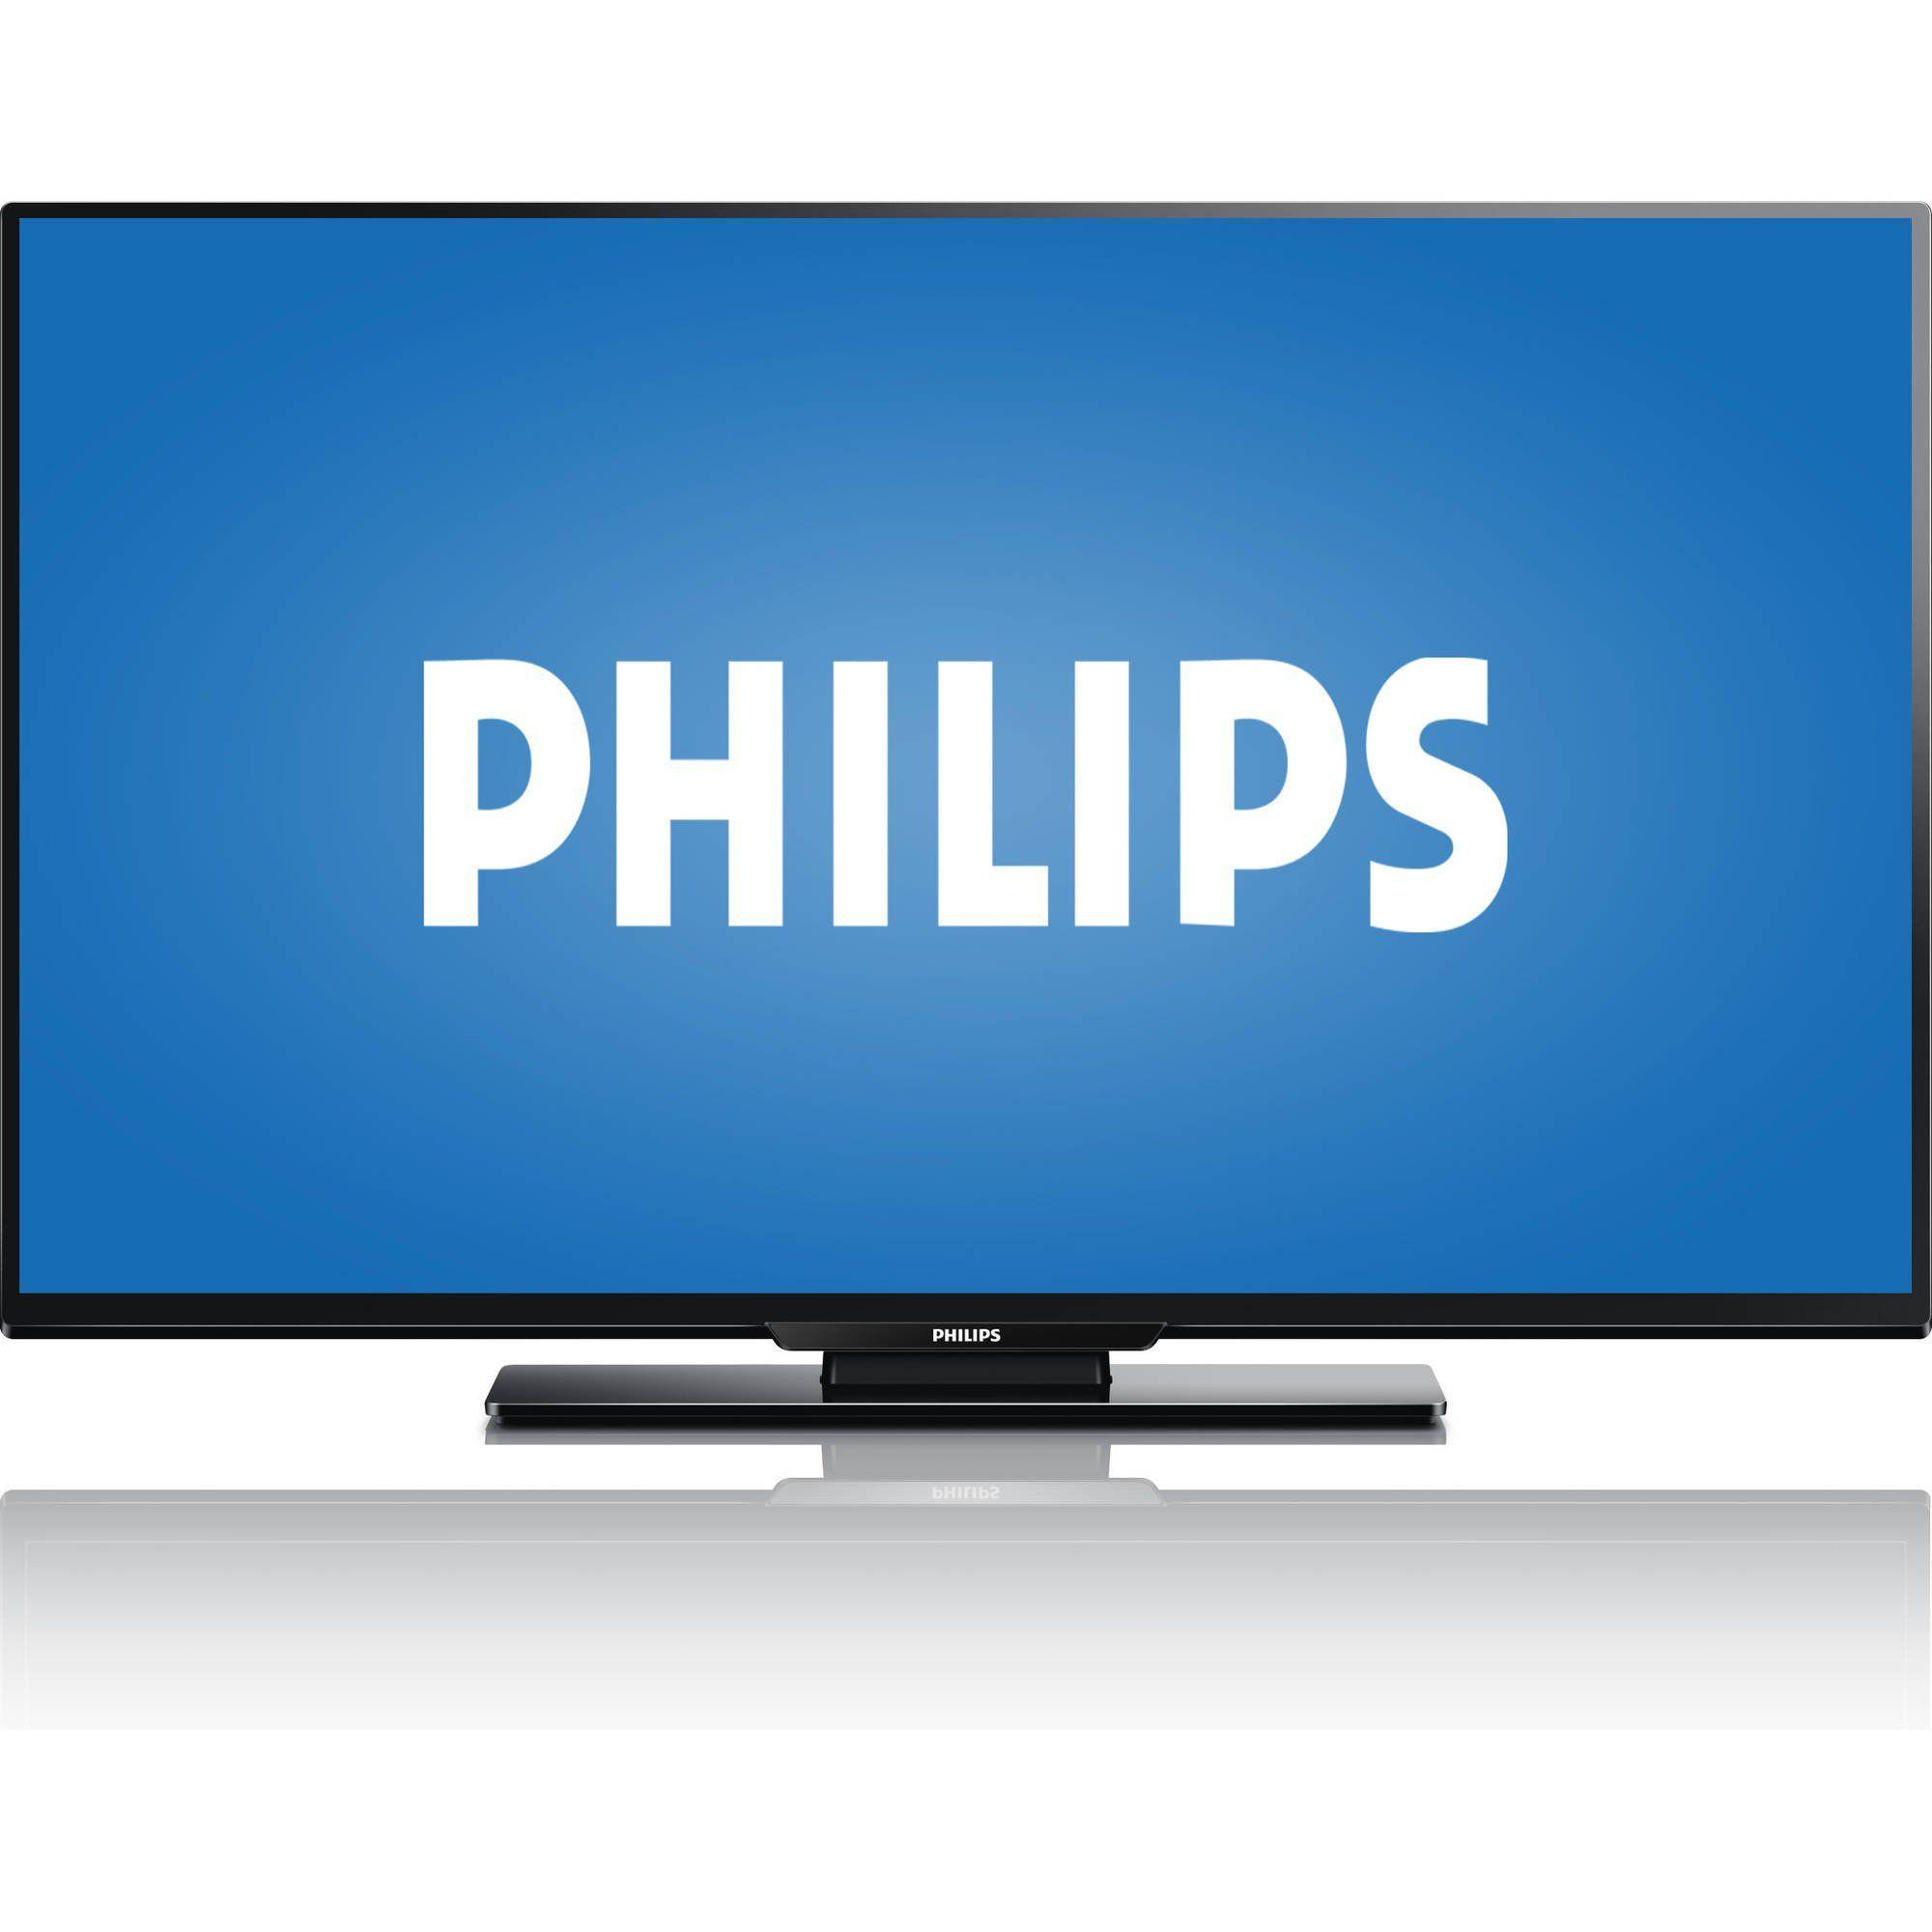 9a906e4d6 Philips 55PFL5601 F7 55